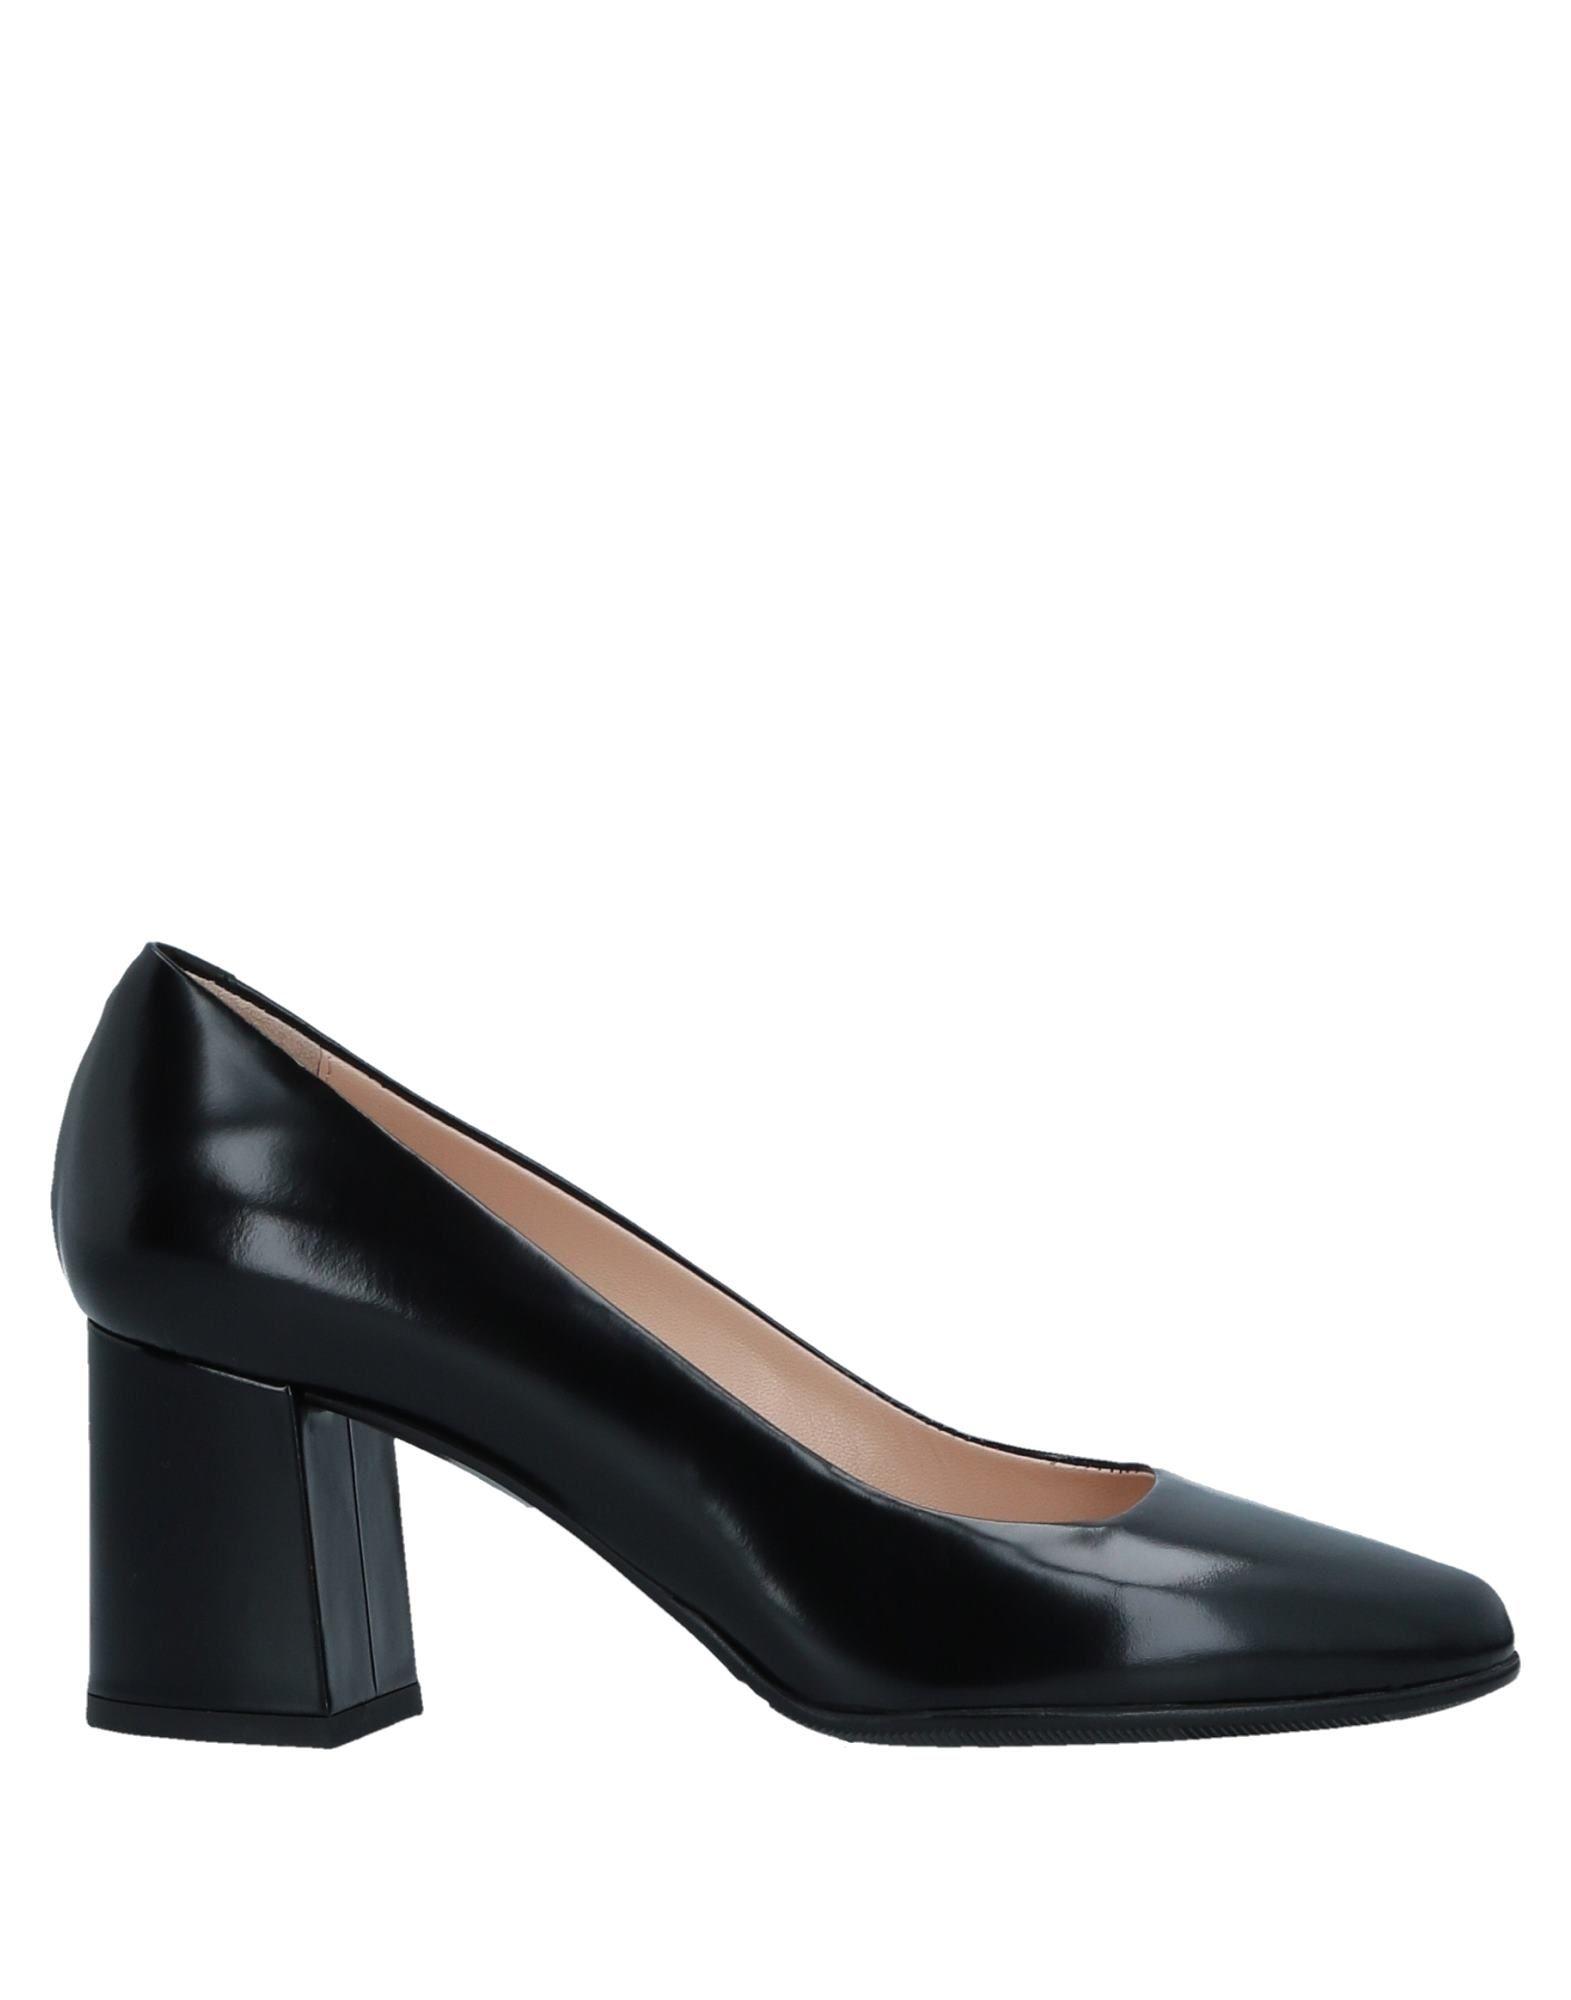 Stilvolle Pumps billige Schuhe F.Lli Bruglia Pumps Stilvolle Damen  11517906TD 9a337e